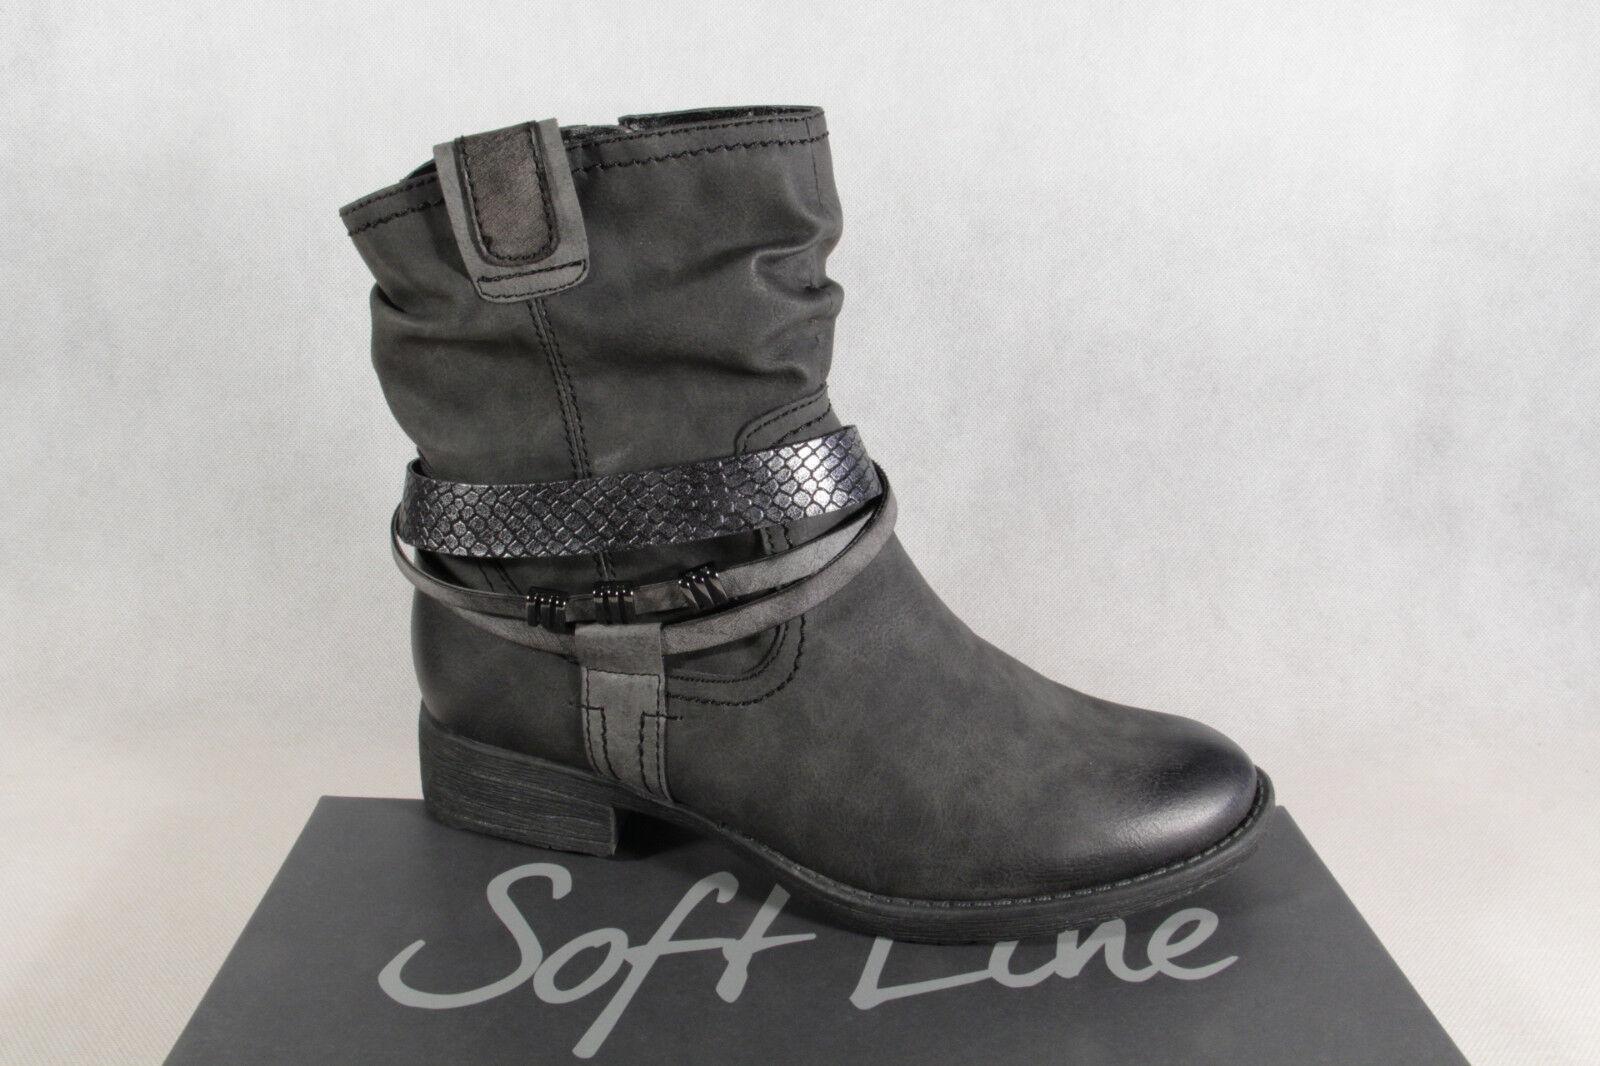 Soft Line Stiefel by Jana Stiefel Stiefelette Stiefel Line Winterstiefel grau NEU 3e0091